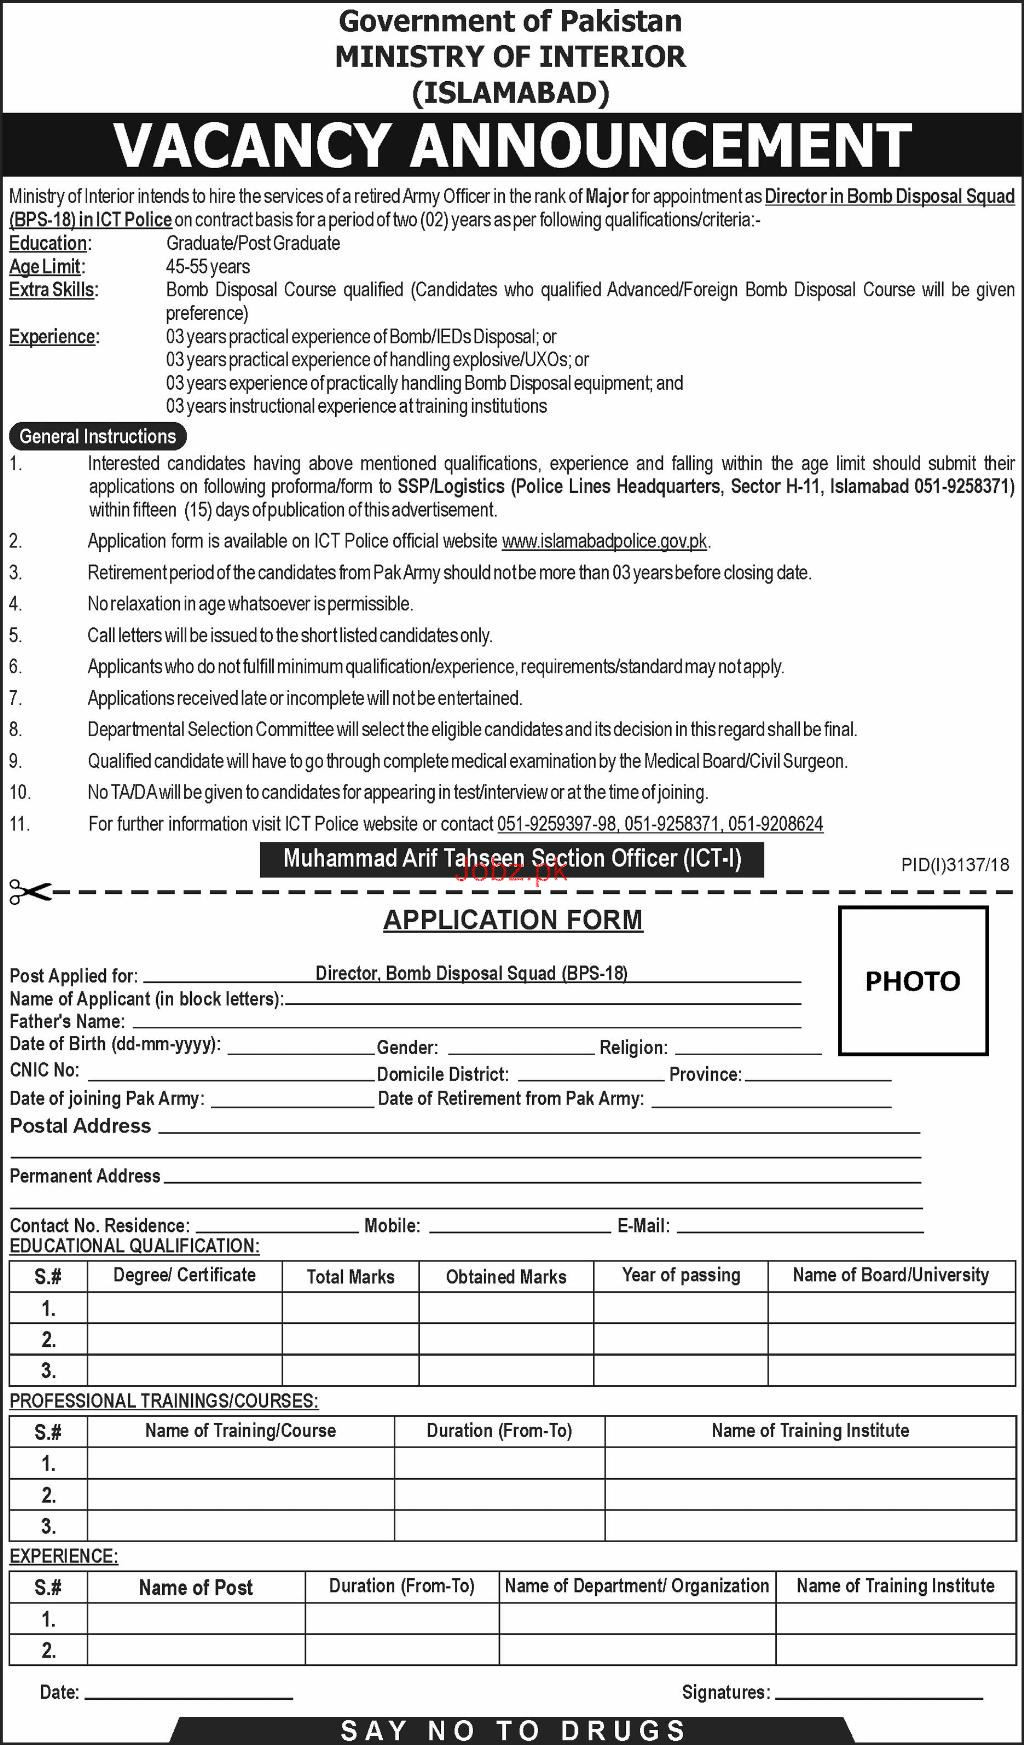 on online form for govt job